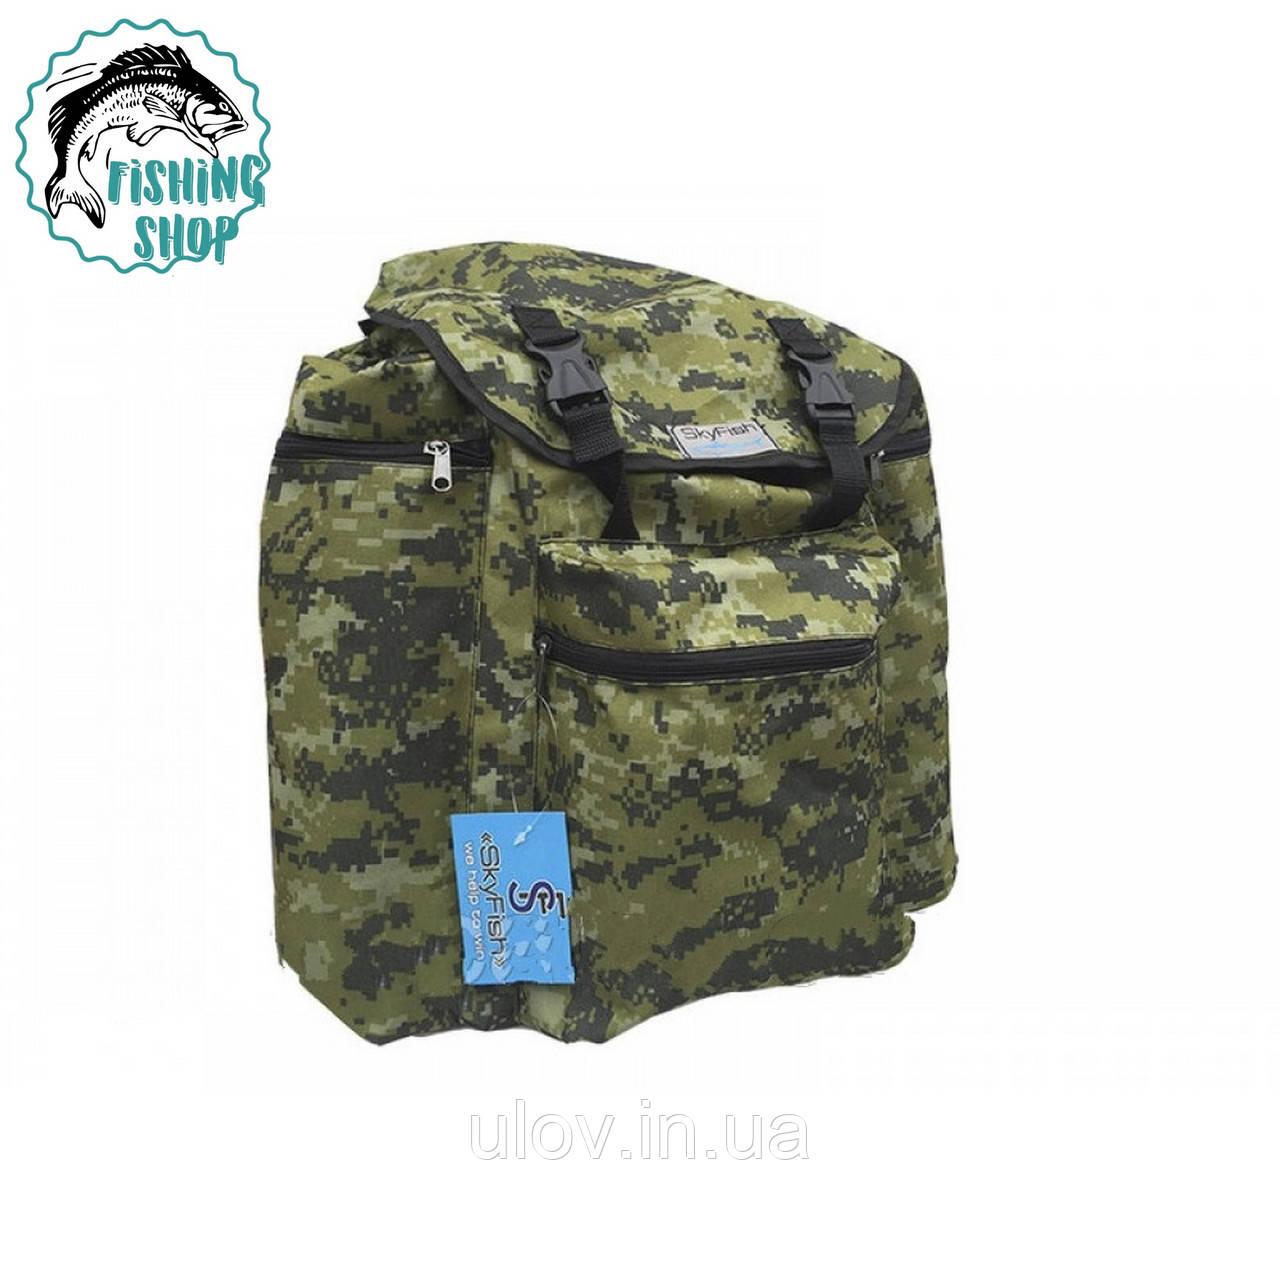 Рюкзак туристический 50л/ 45*32*25см